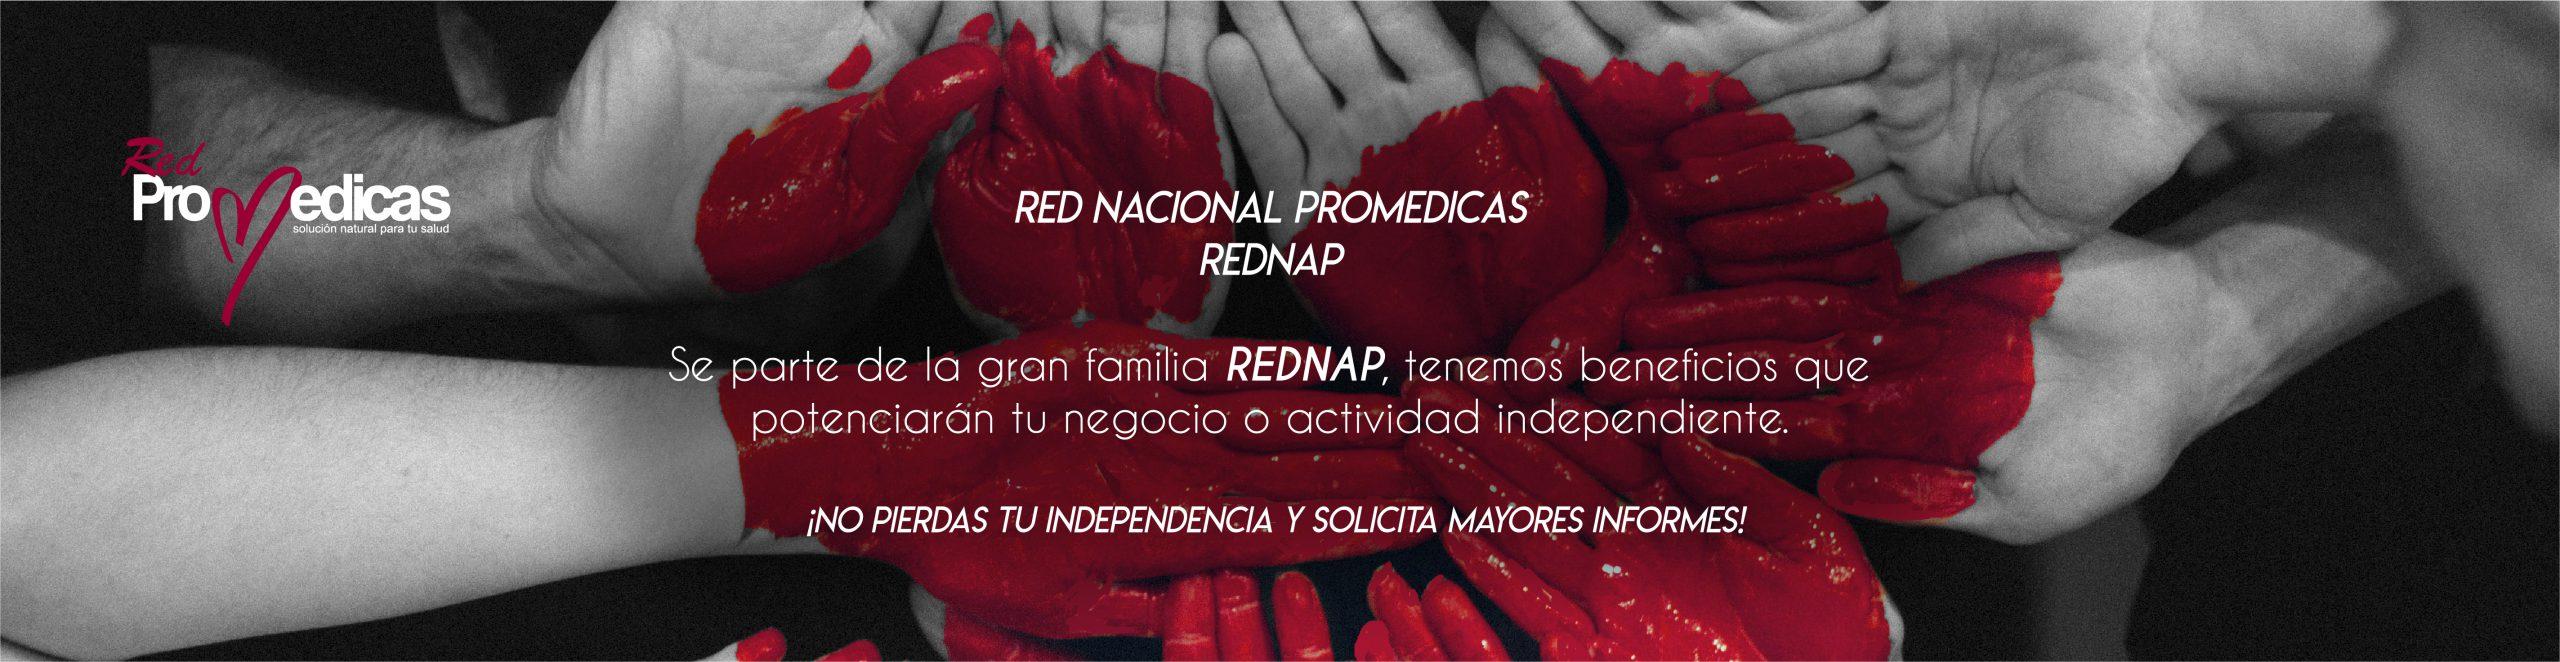 PROMEDICAS-RENAP